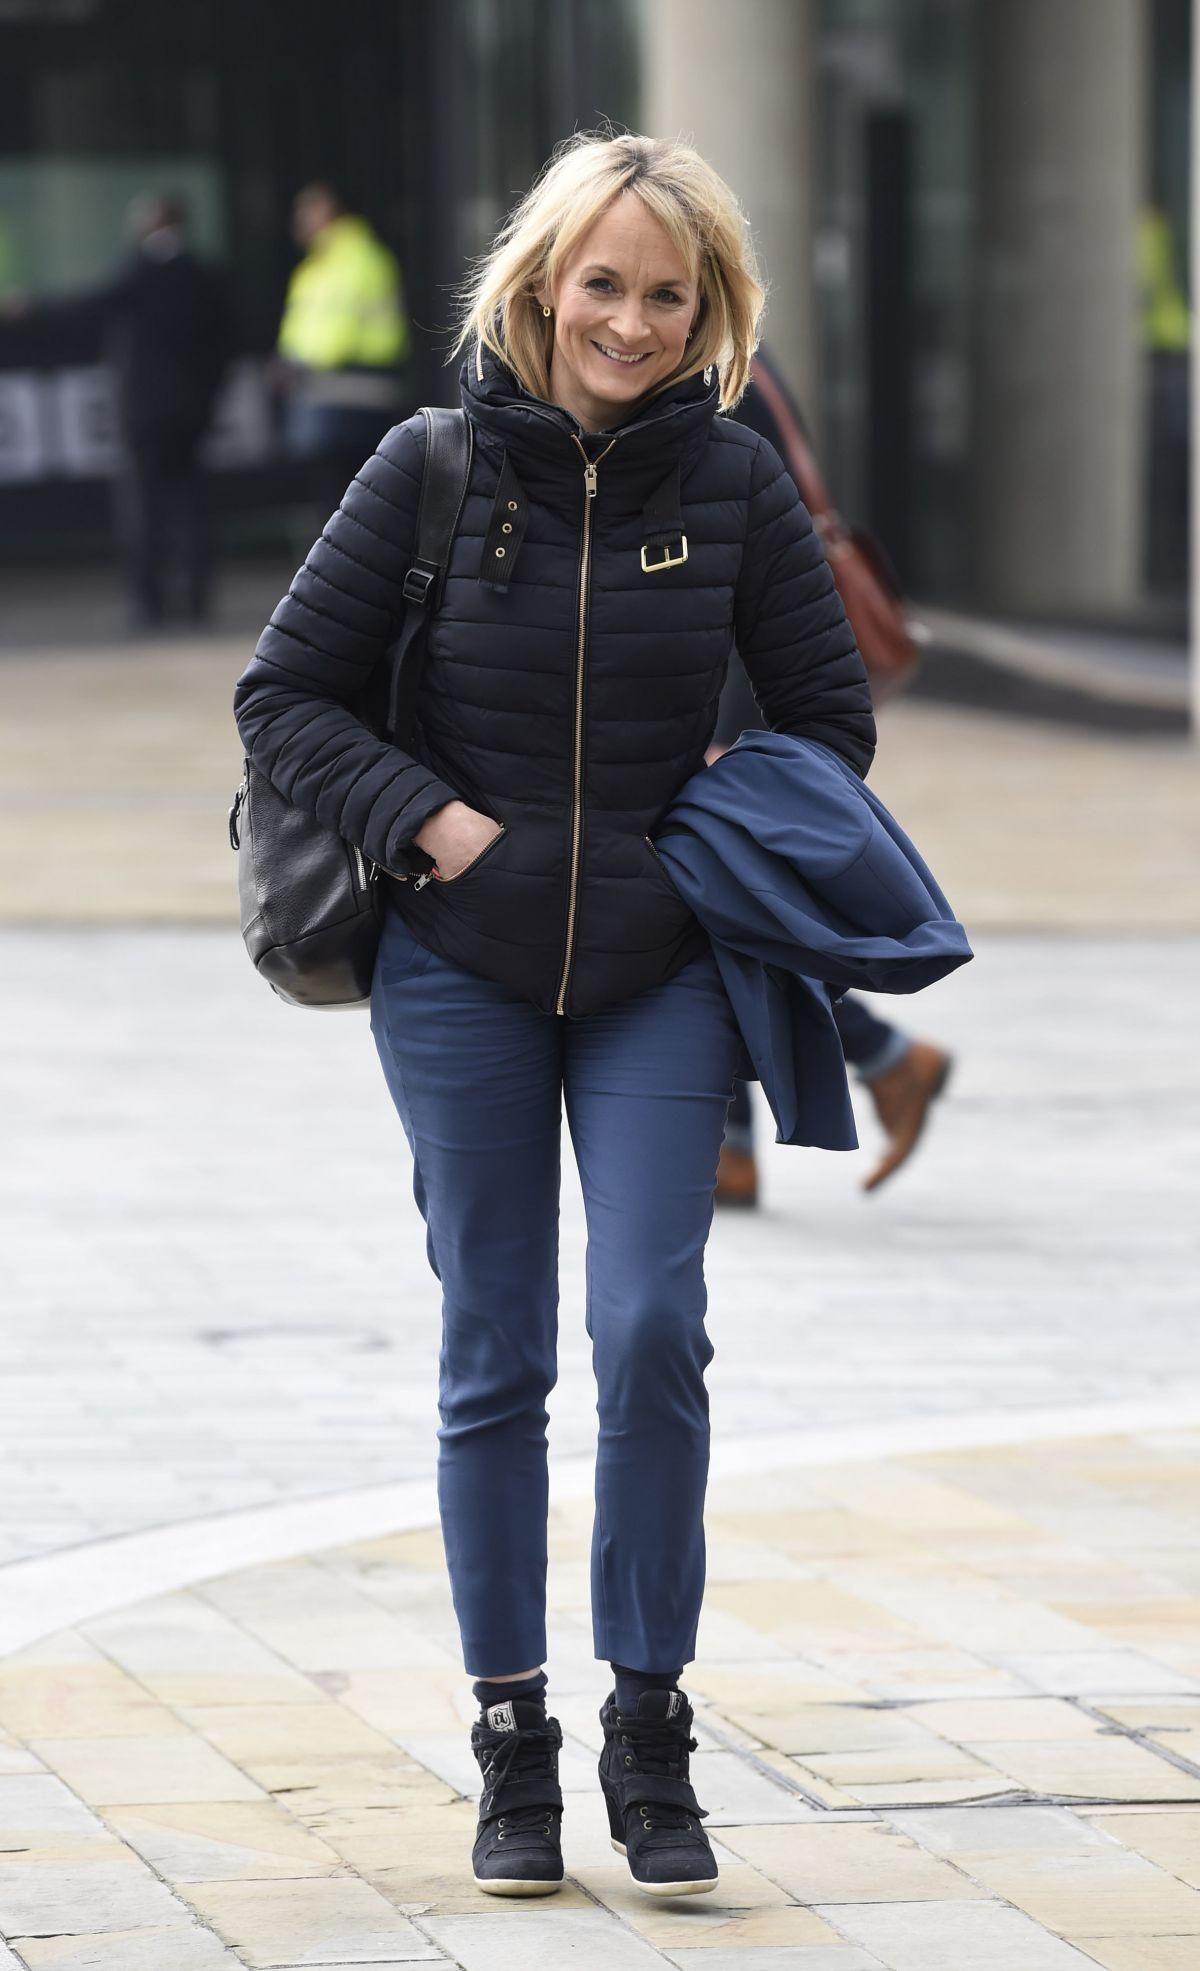 LOUISE MINCHIN Leaves BBC Studio in London 03/07/2017 – HawtCelebs